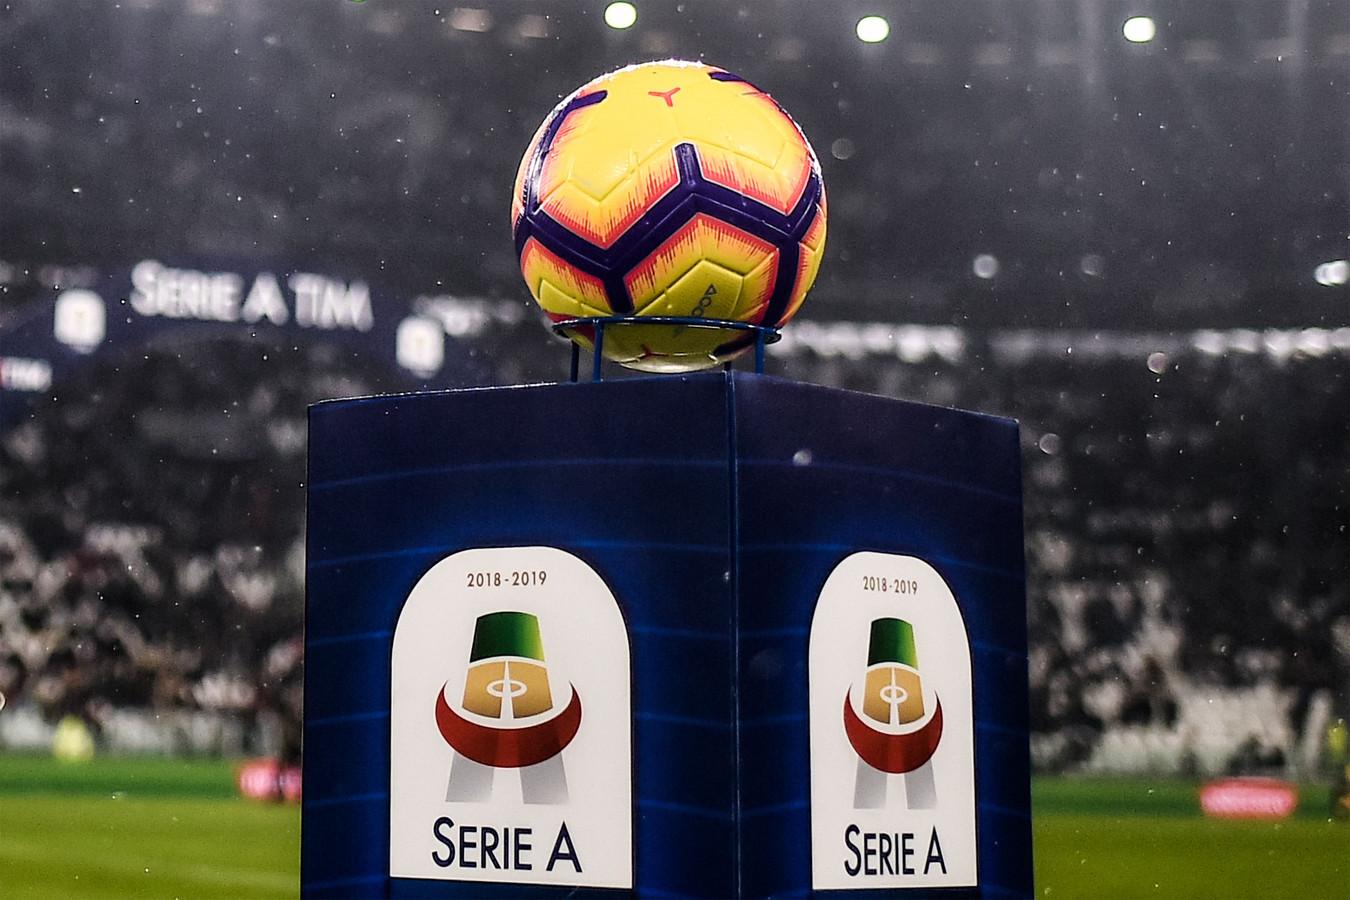 Serie A.